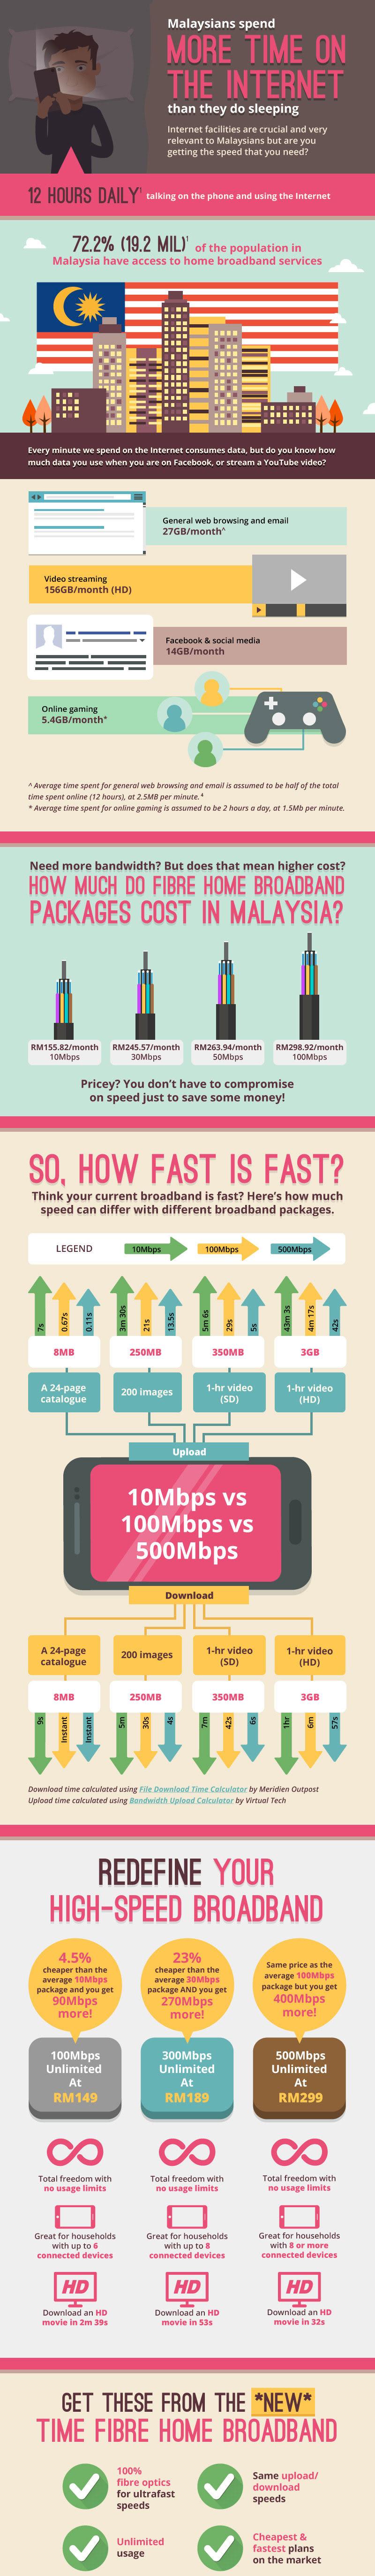 home fibre broadband